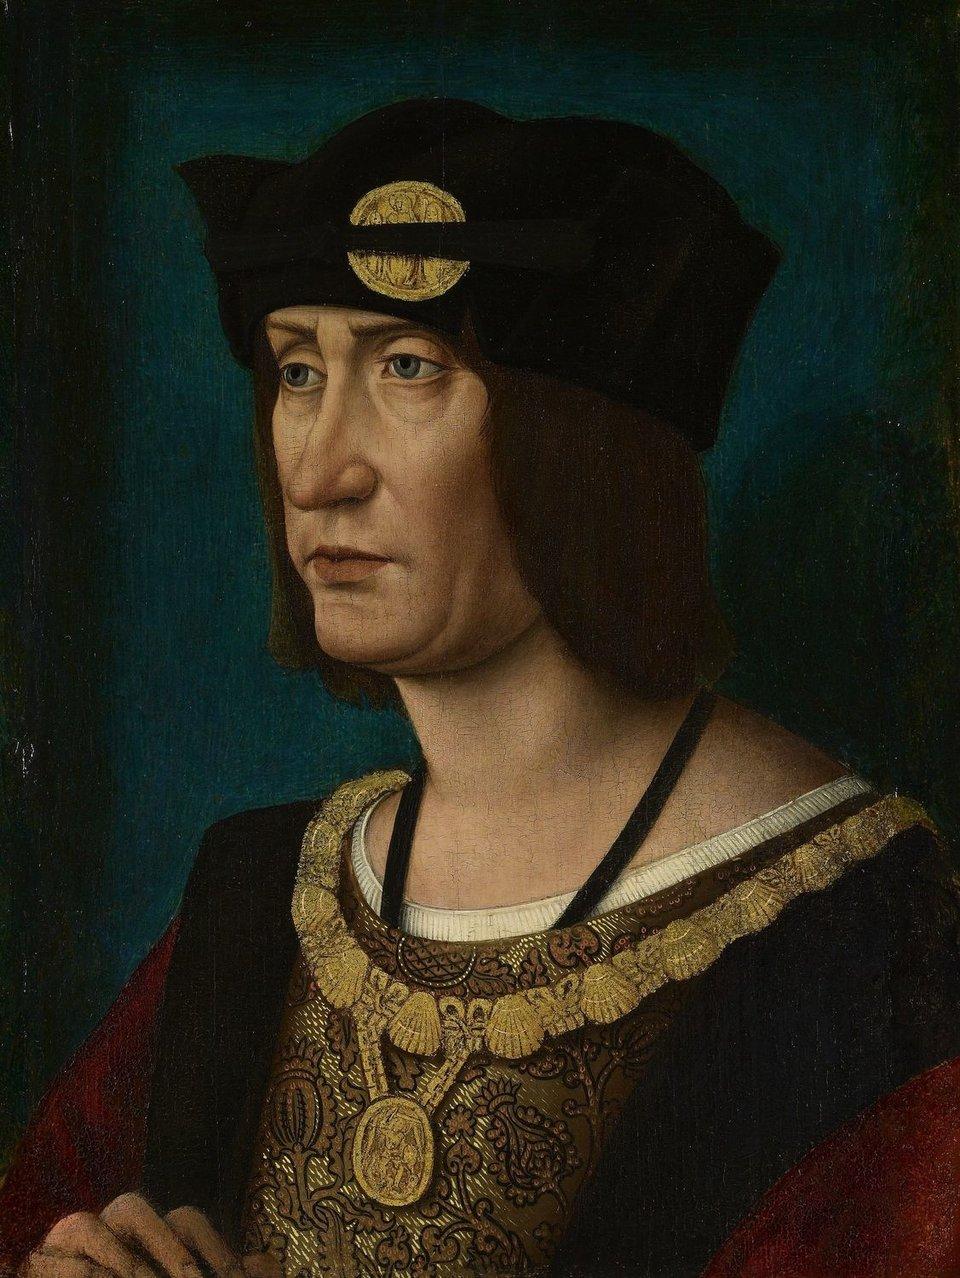 Ludwik XII Źródło: Jean Perréal, Ludwik XII, ok. 1514, domena publiczna.